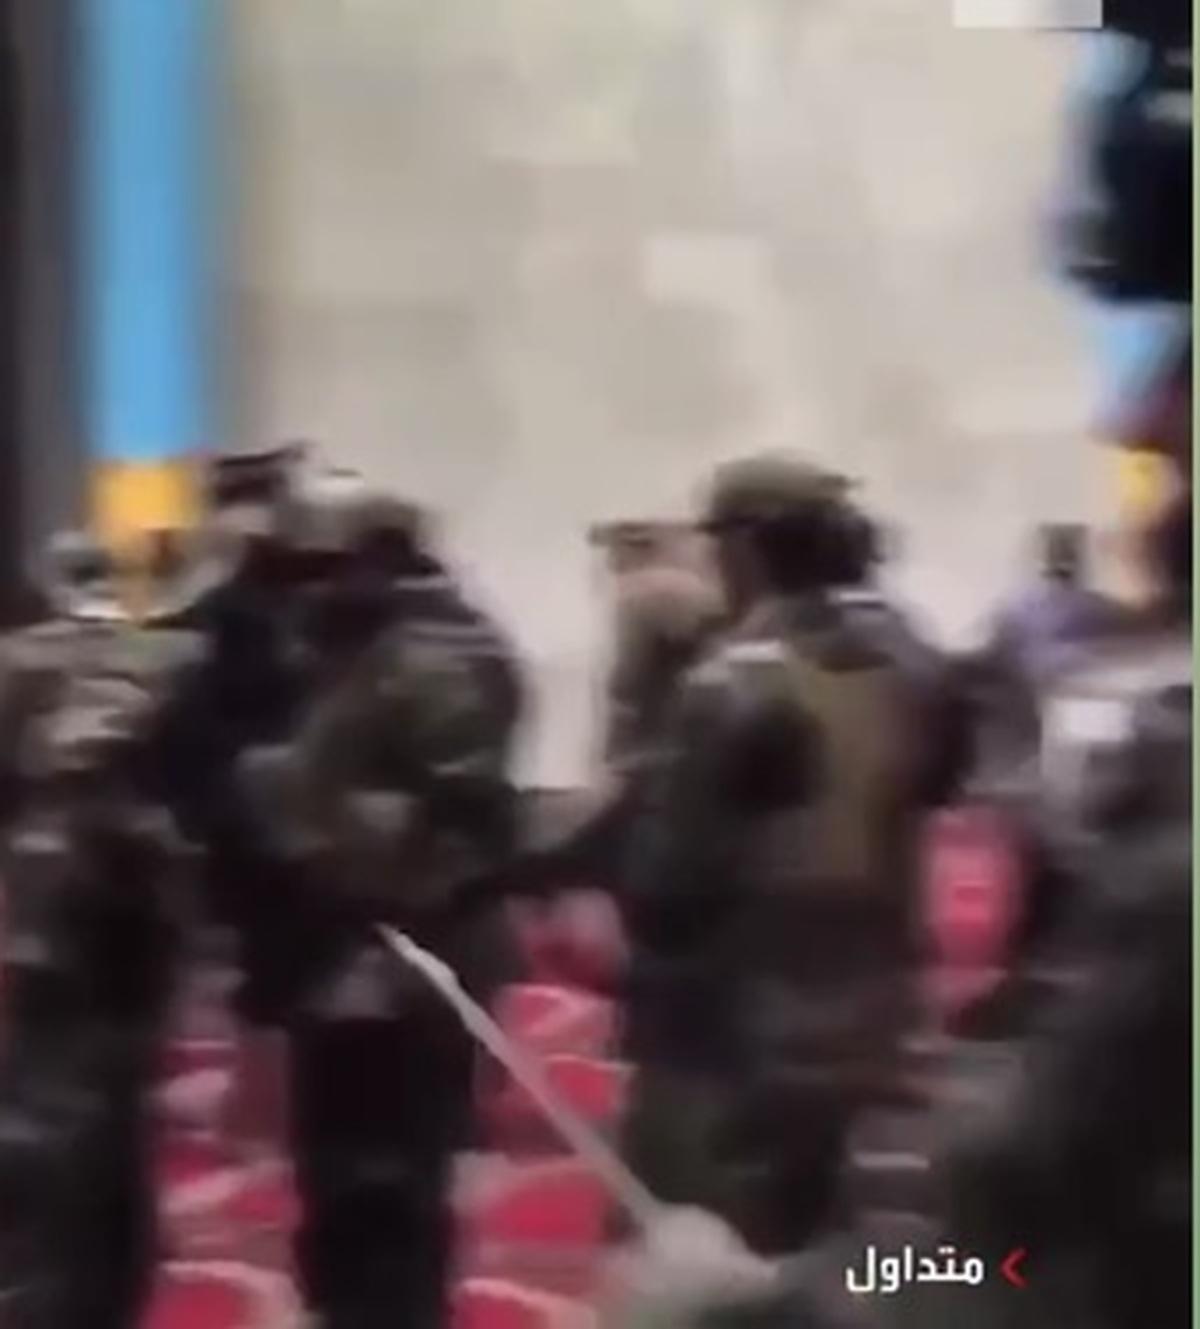 نیروهای طالبان با لباسها و تجهیزات نظامی آمریکایی بجامانده از ارتش افغانستان ! + فیلم